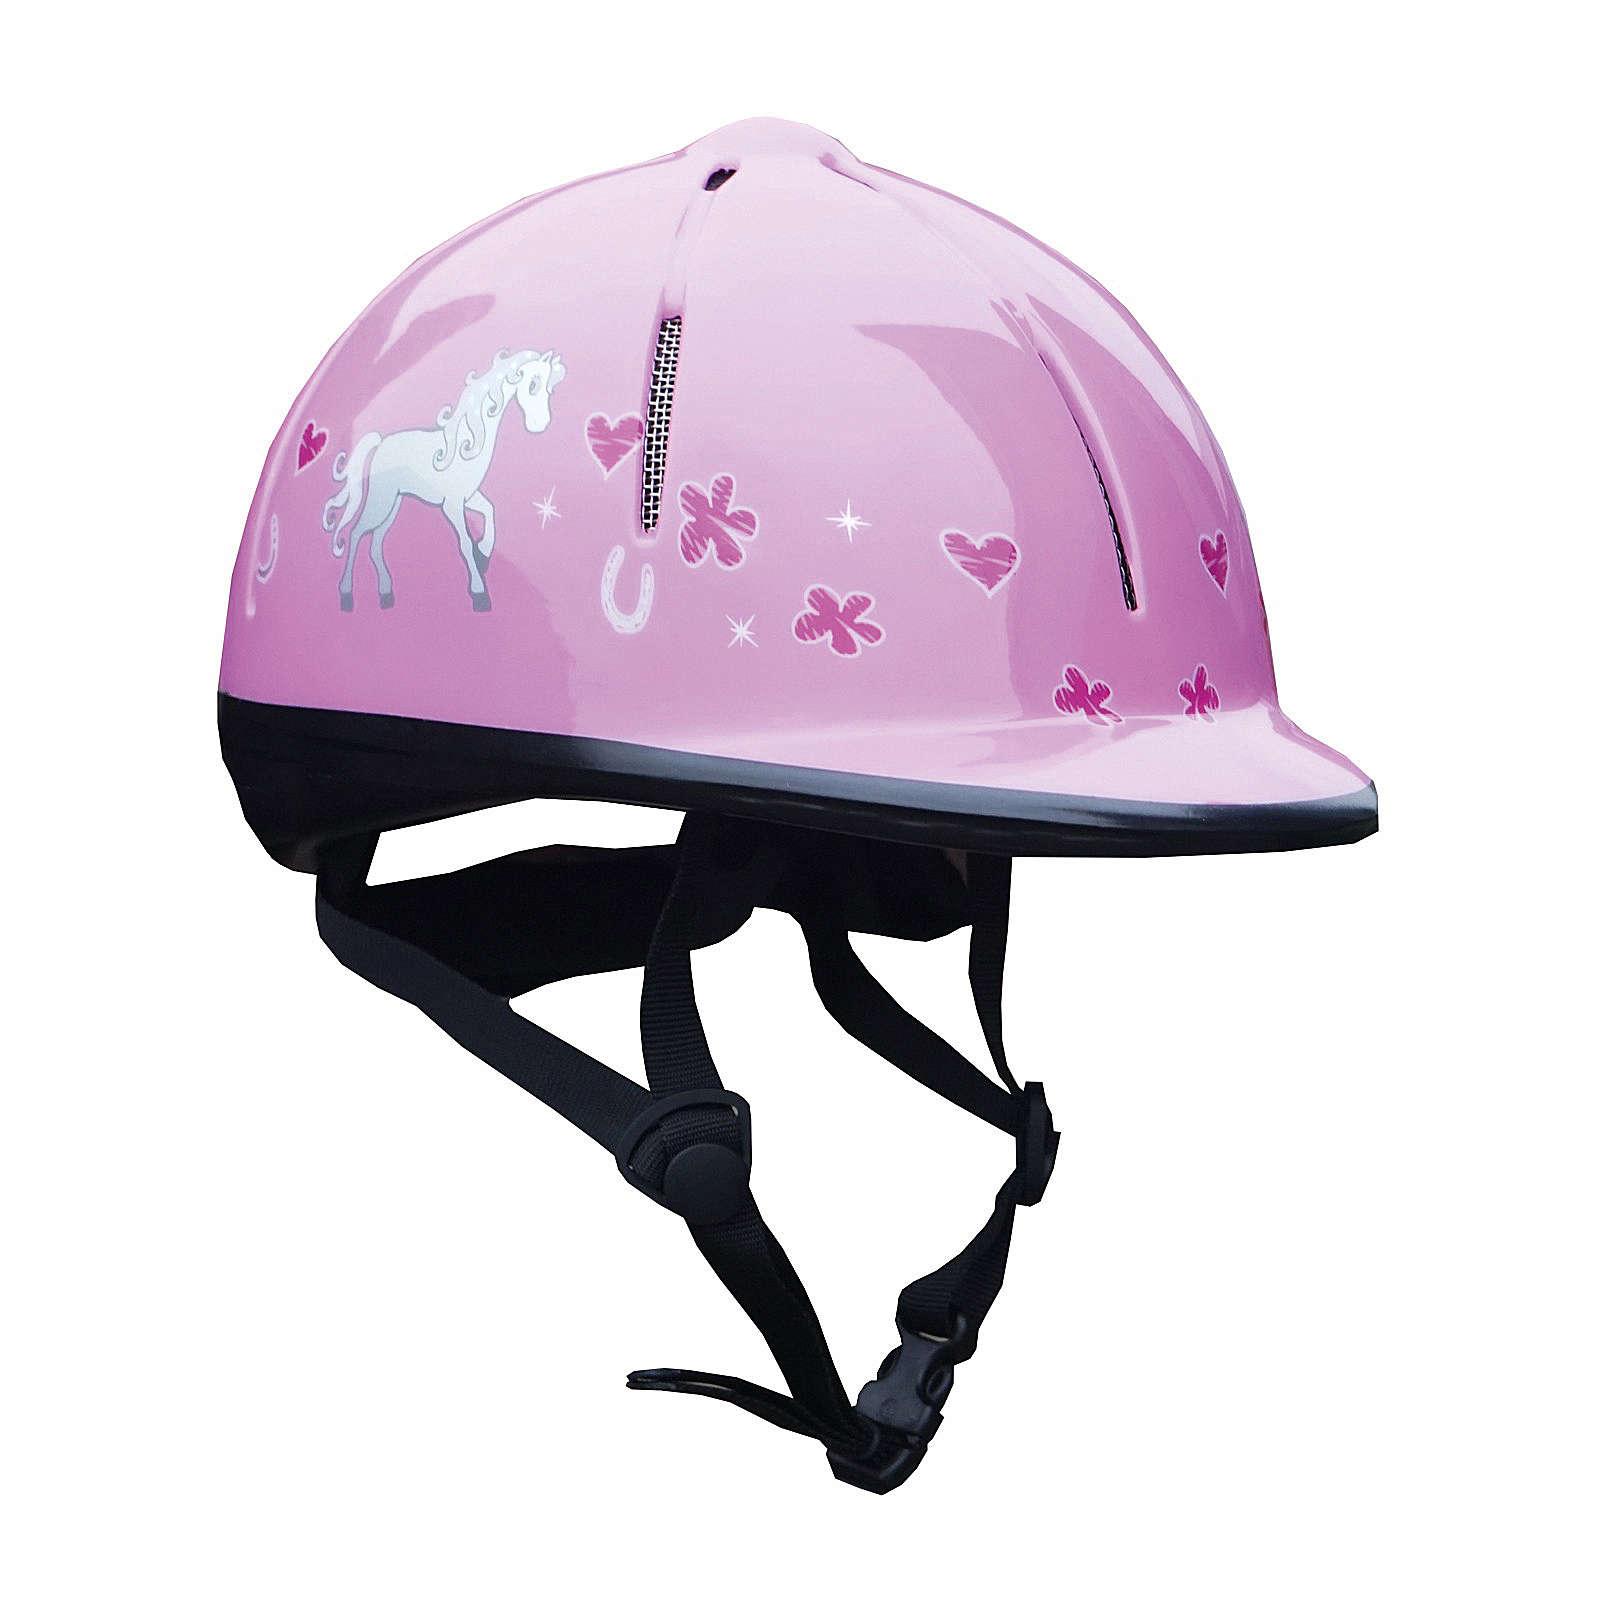 RED HORSE Reithelme für Mädchen pink Mädchen Gr. 48-52